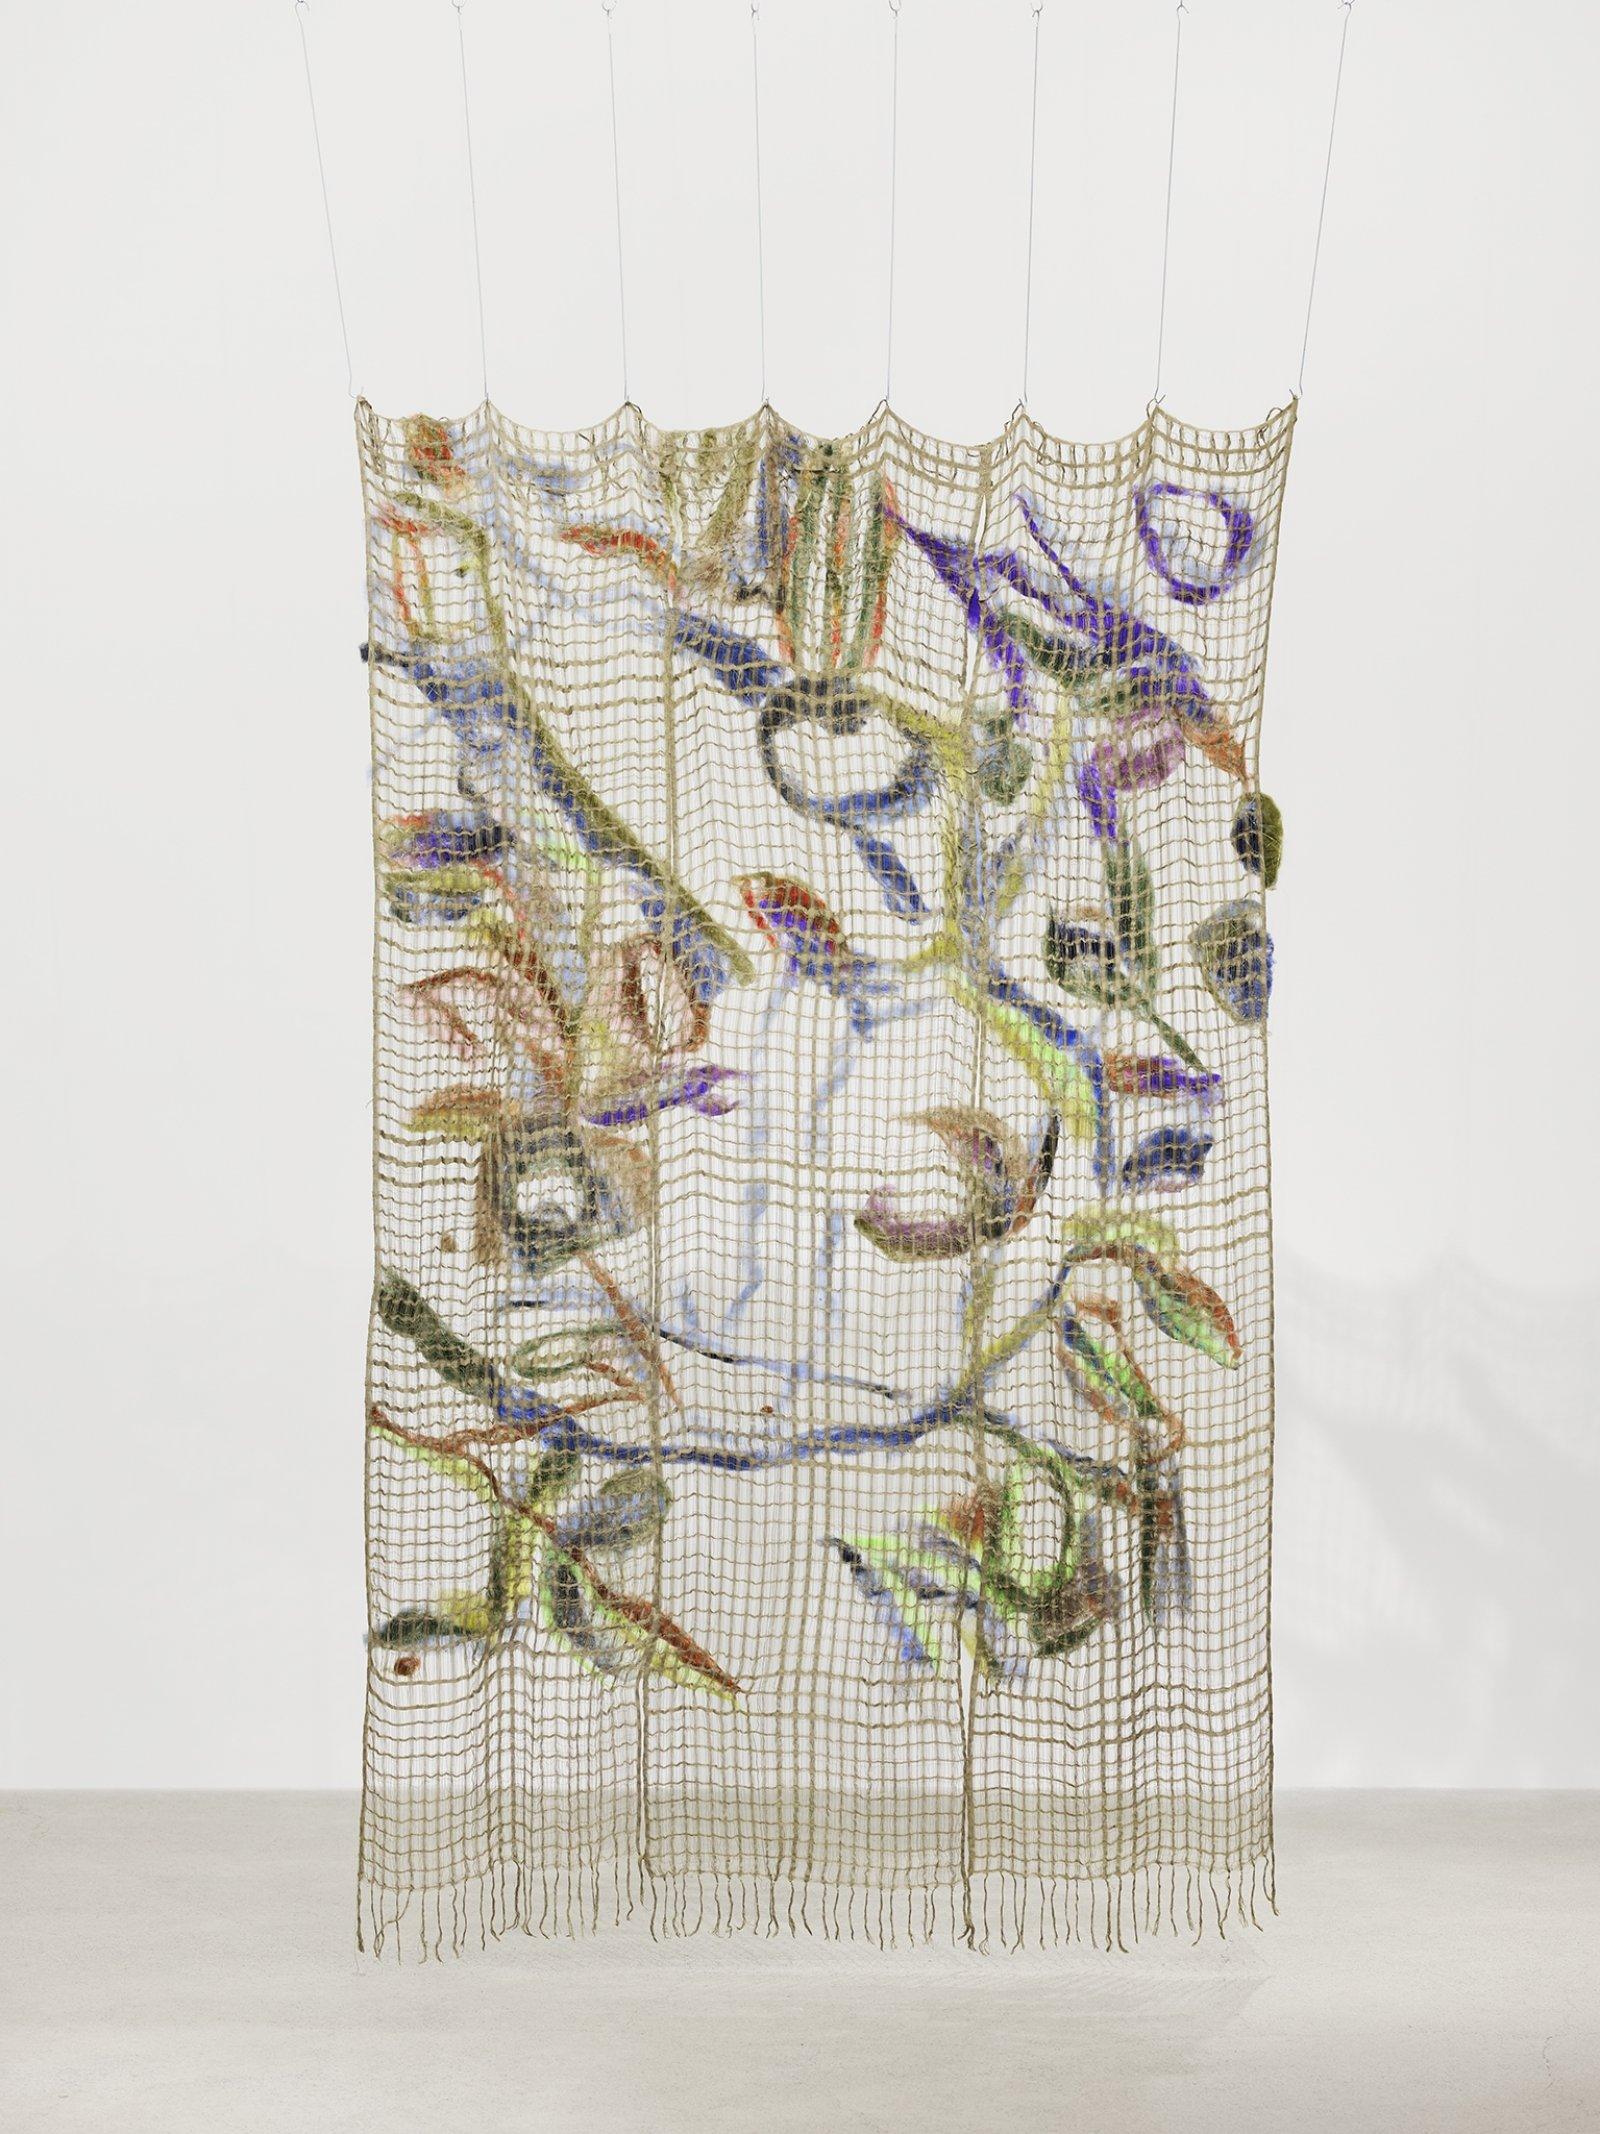 Rebecca Brewer, Surplus World, 2019, silk, wool, steel hooks, 90 x 63 in. (229 x 160 cm)